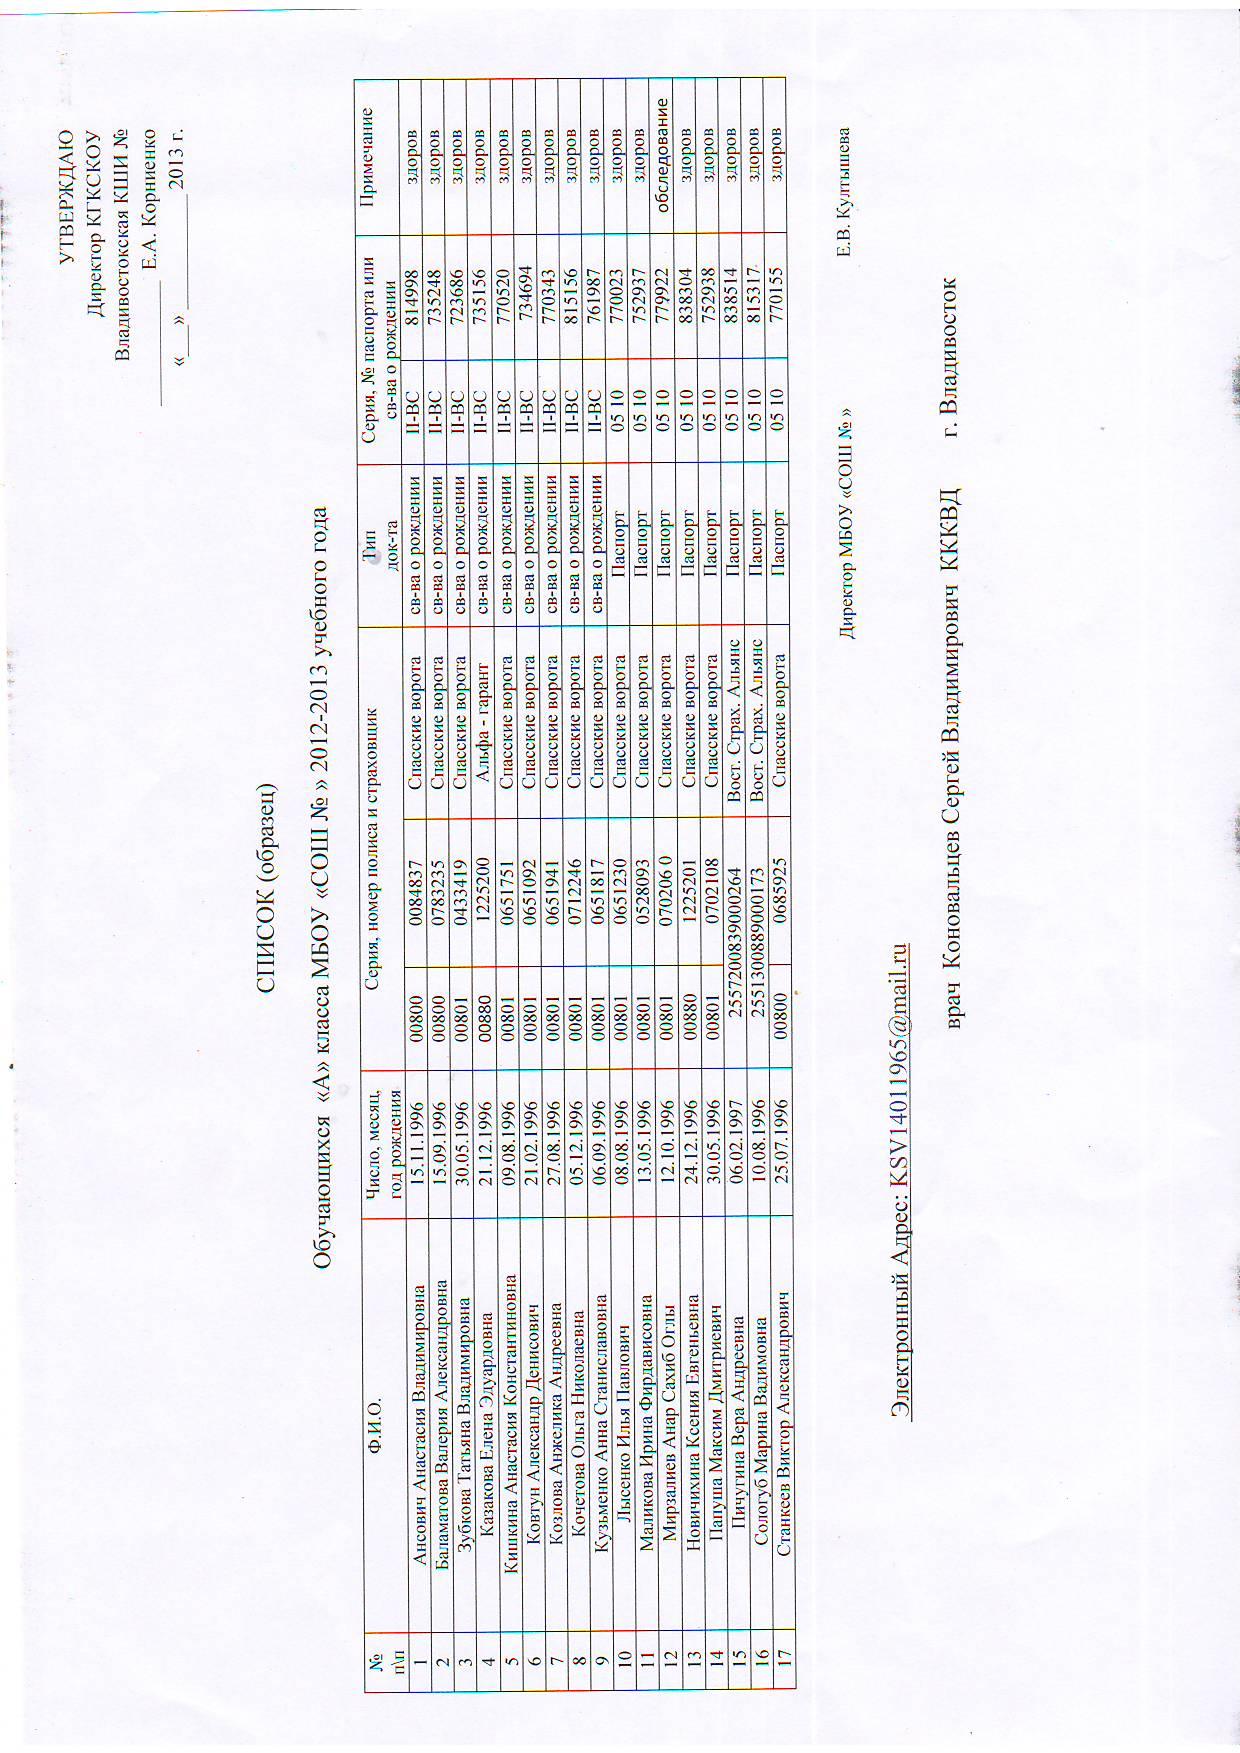 бланк заявления на сверку с налоговой инспекцией